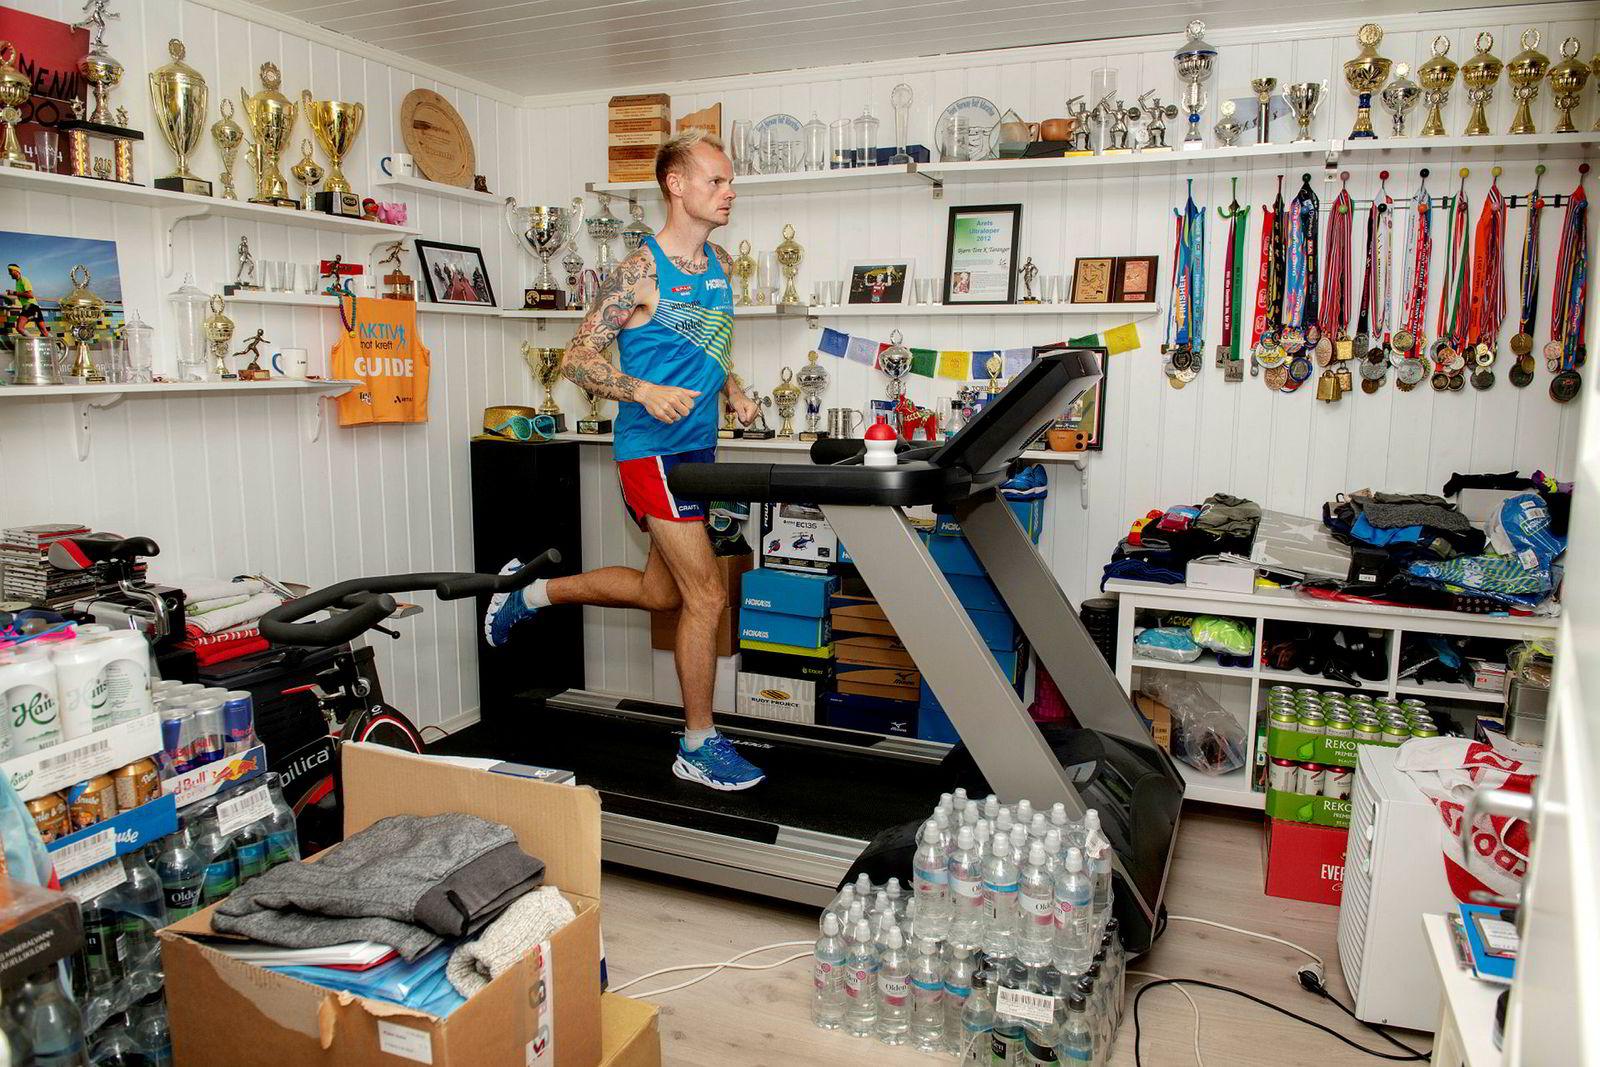 Lørdag 8. september skal Bjørn Tore Kronen Taranger delta i VM i 24-timersløp i Kroatia. Det kommer til så svi. – Jeg er i verdenstoppen slik Ingebrigtsen-brødrene er det, bare i en annen idrett, sier bergenseren.